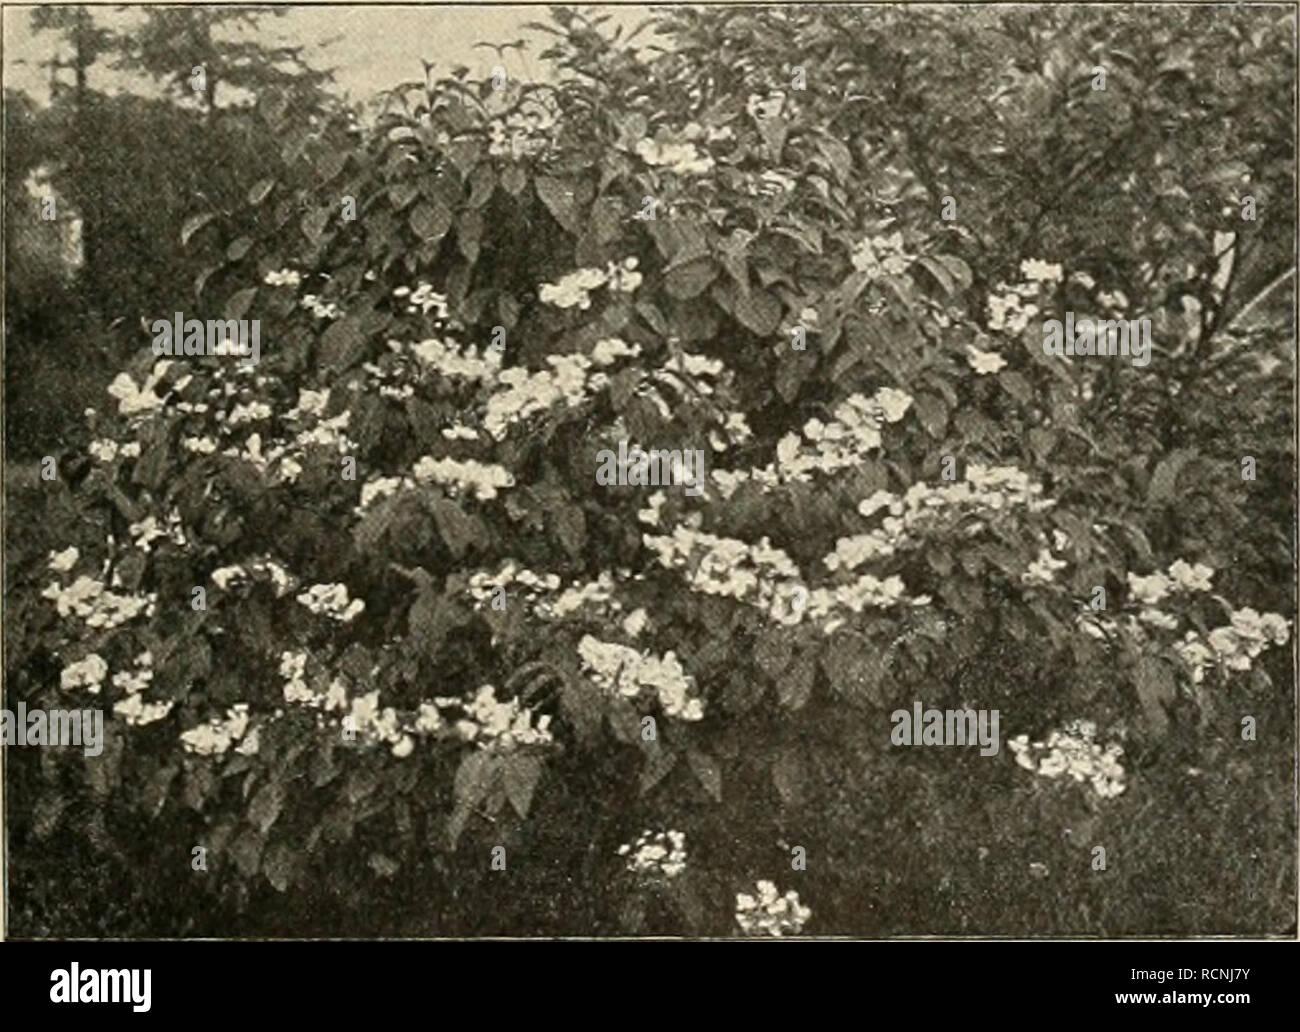 Viburnum Plicatum Tomentosum Stock Photos & Viburnum